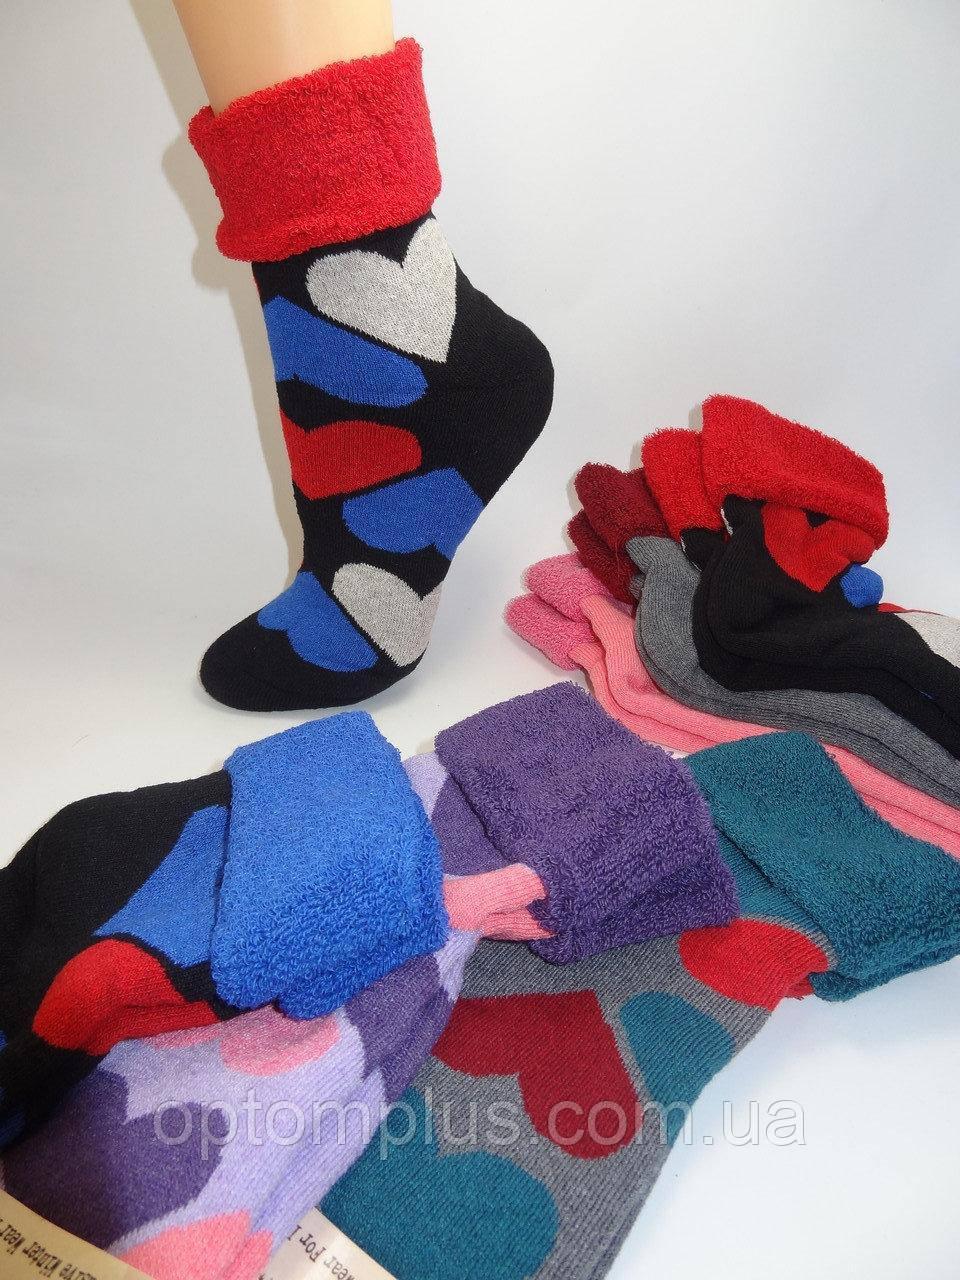 Шкарпетки жіночі з декоративним відворотом зима (23-25 р) Туреччина купити оптом від складу 7 км